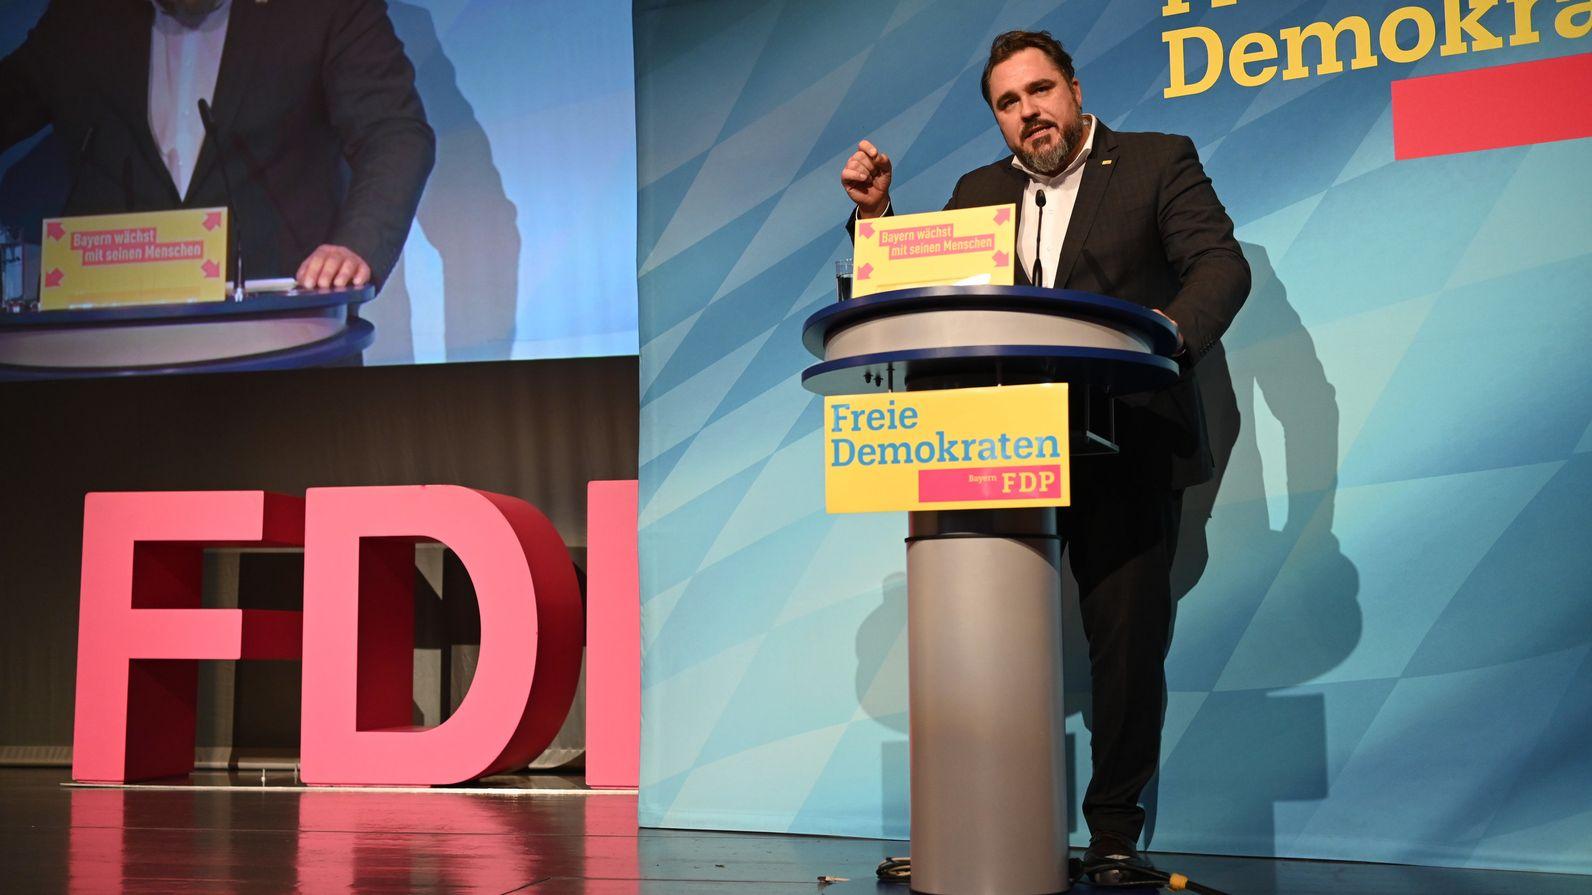 Nach der Wiederwahl von Daniel Föst als FDP-Landesvorsitzender, diskutieren die Parteitagsdelegierten heute über den Leitantrag zur Kommunalwahl.